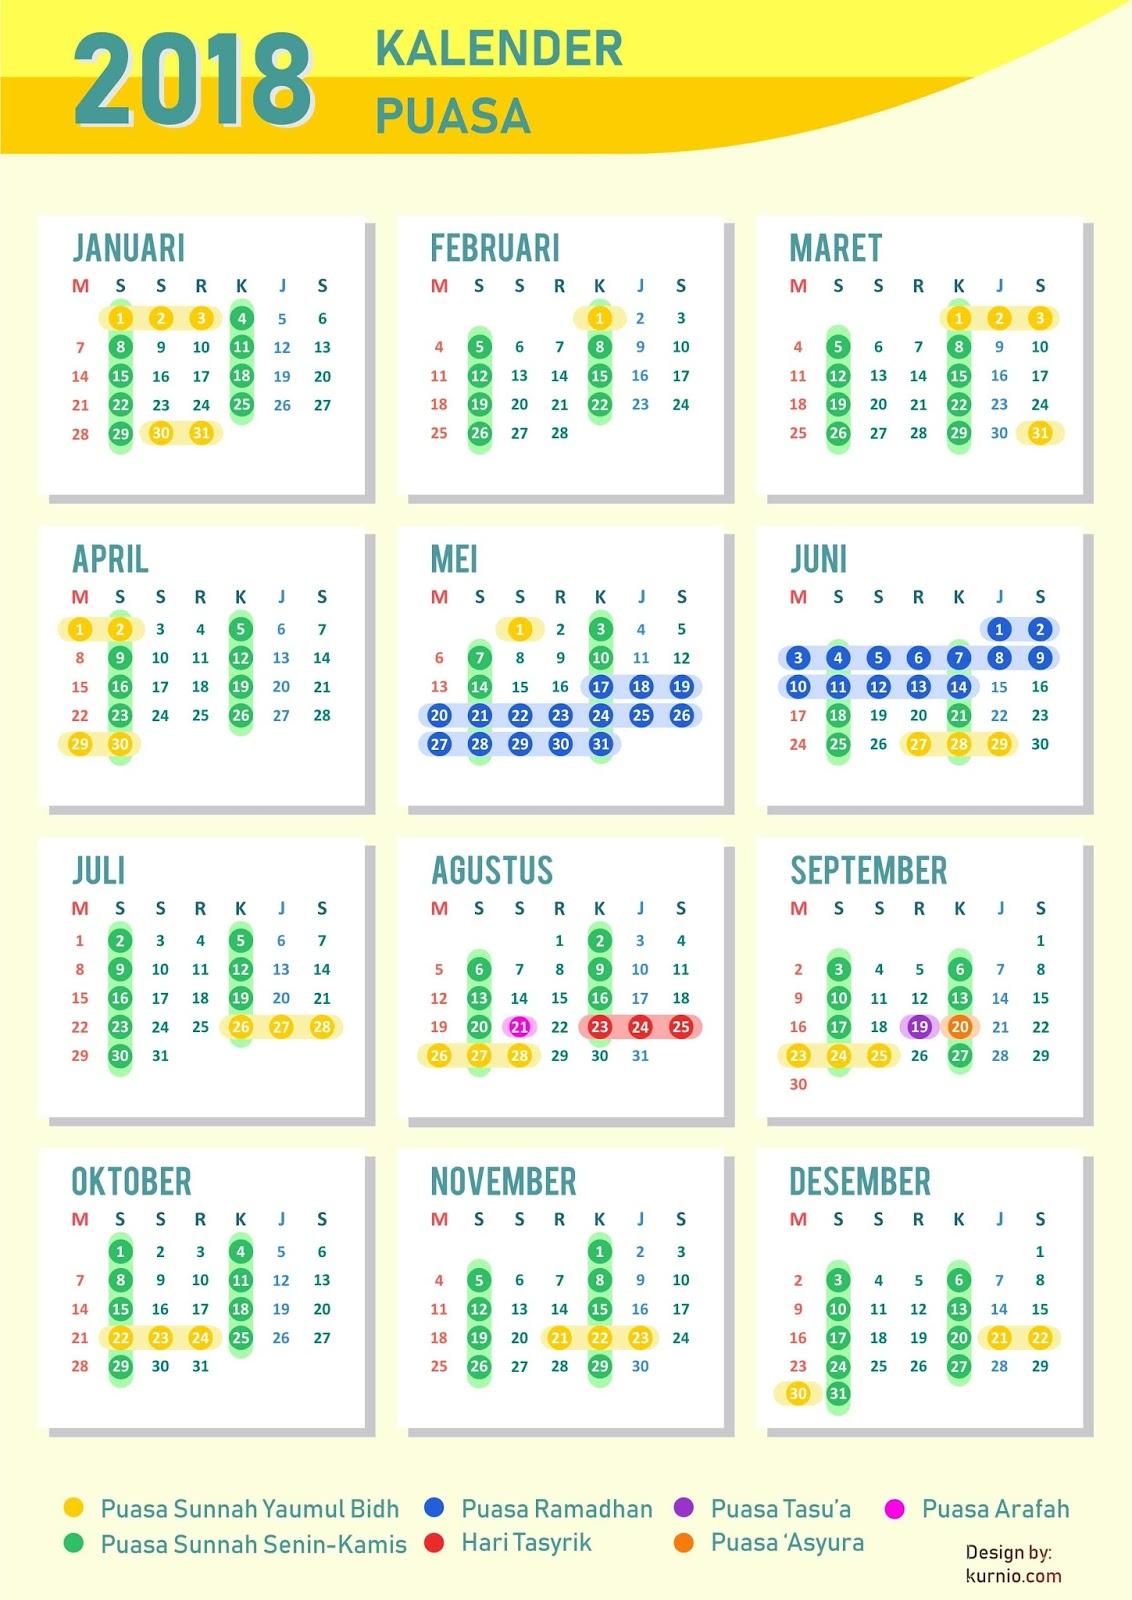 Kalender Puasa Sunnah 2018: Yuk Amalkan!